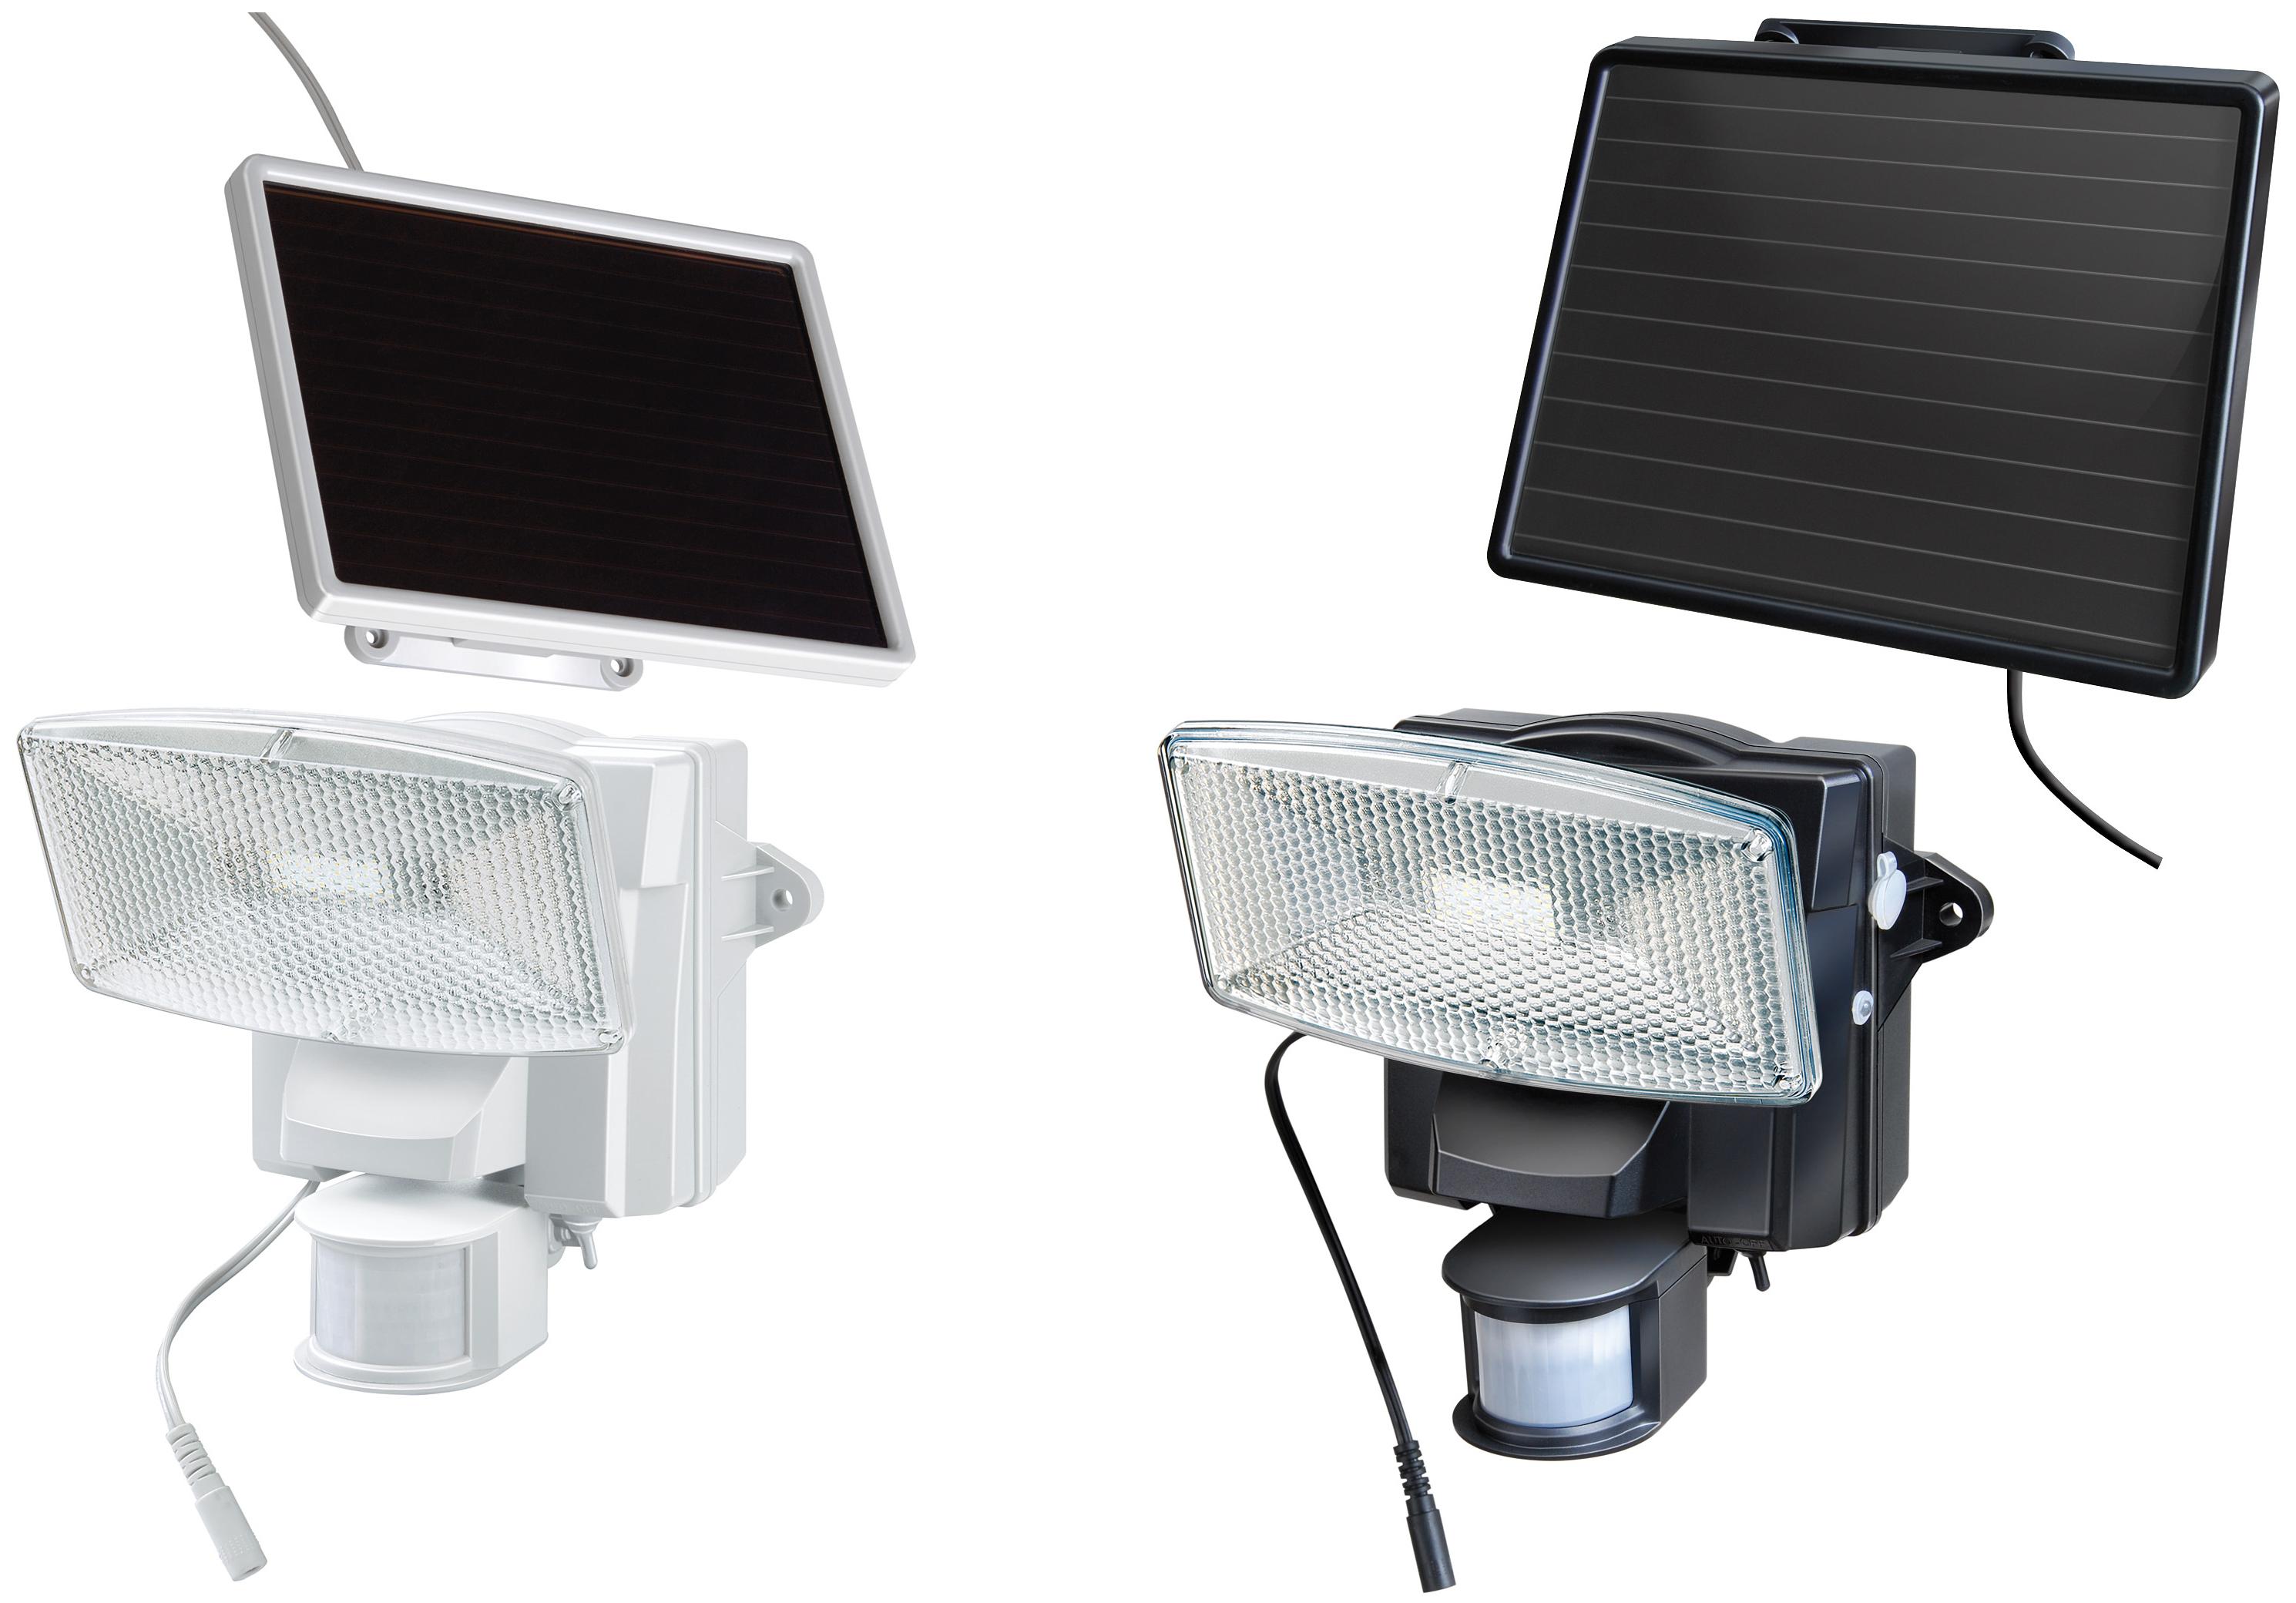 219853_Solar_LED-Strahler Wunderbar Brennenstuhl solar Led Strahler Dekorationen